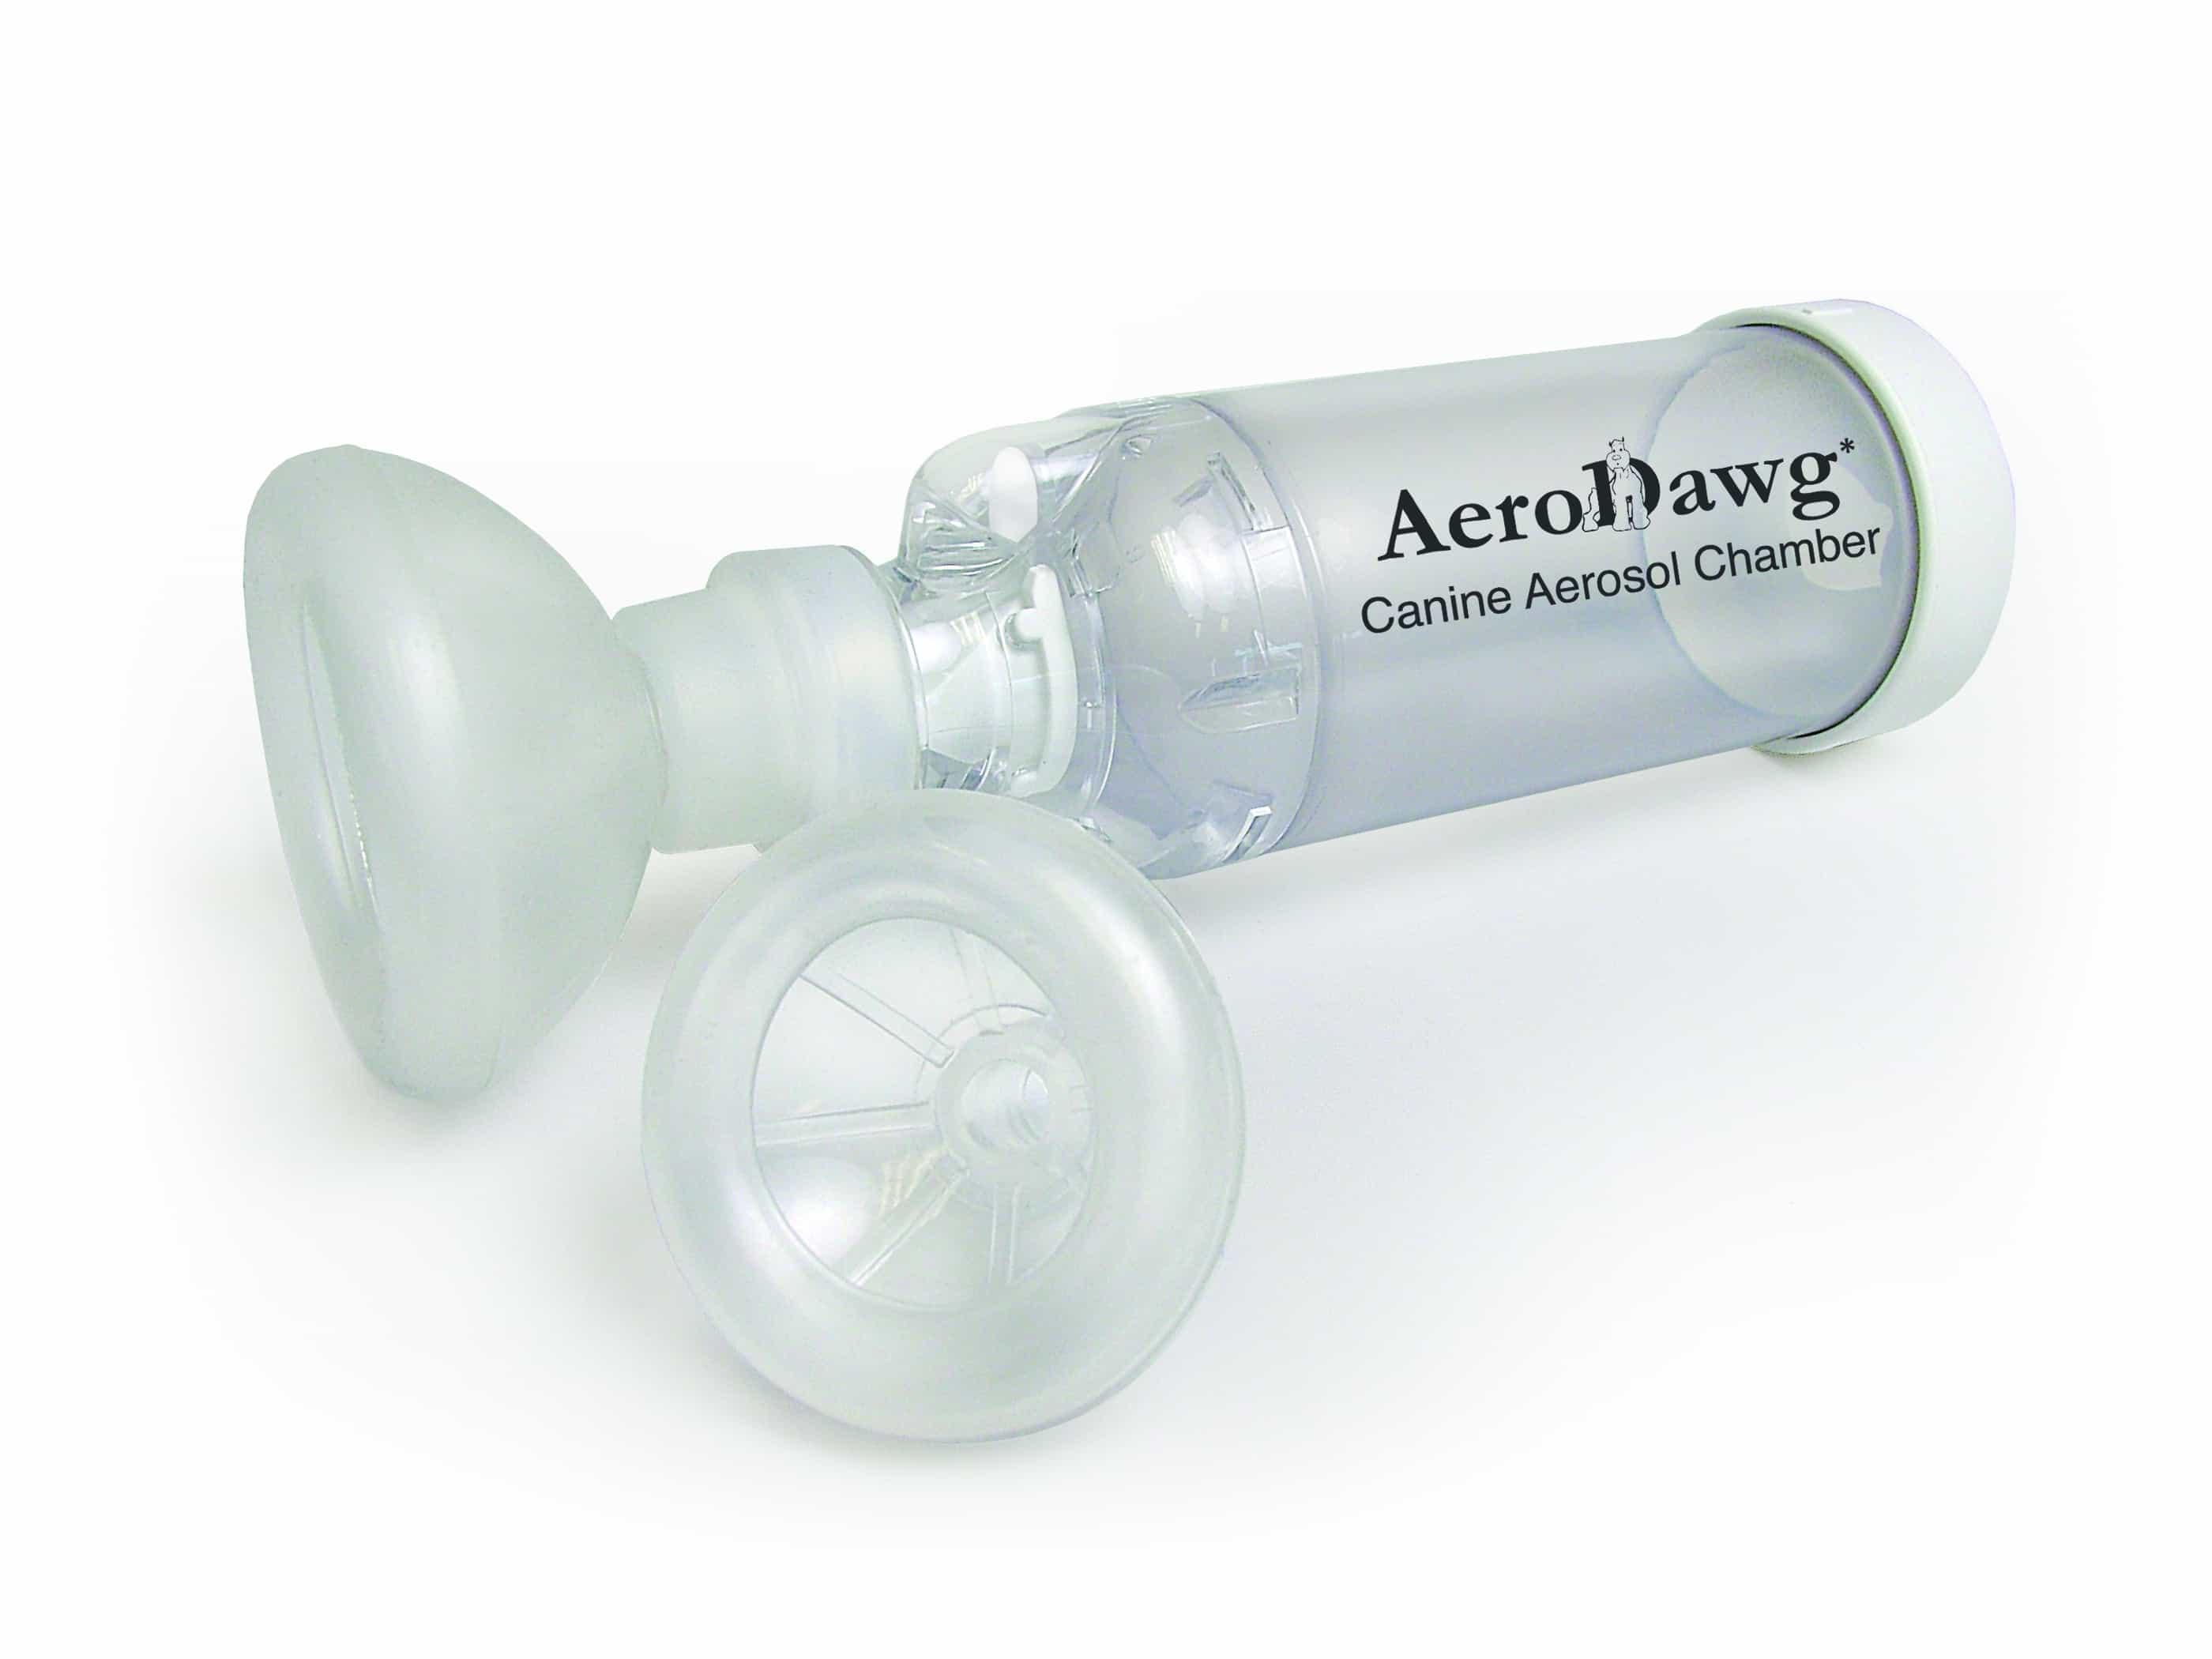 AeroDawg Large